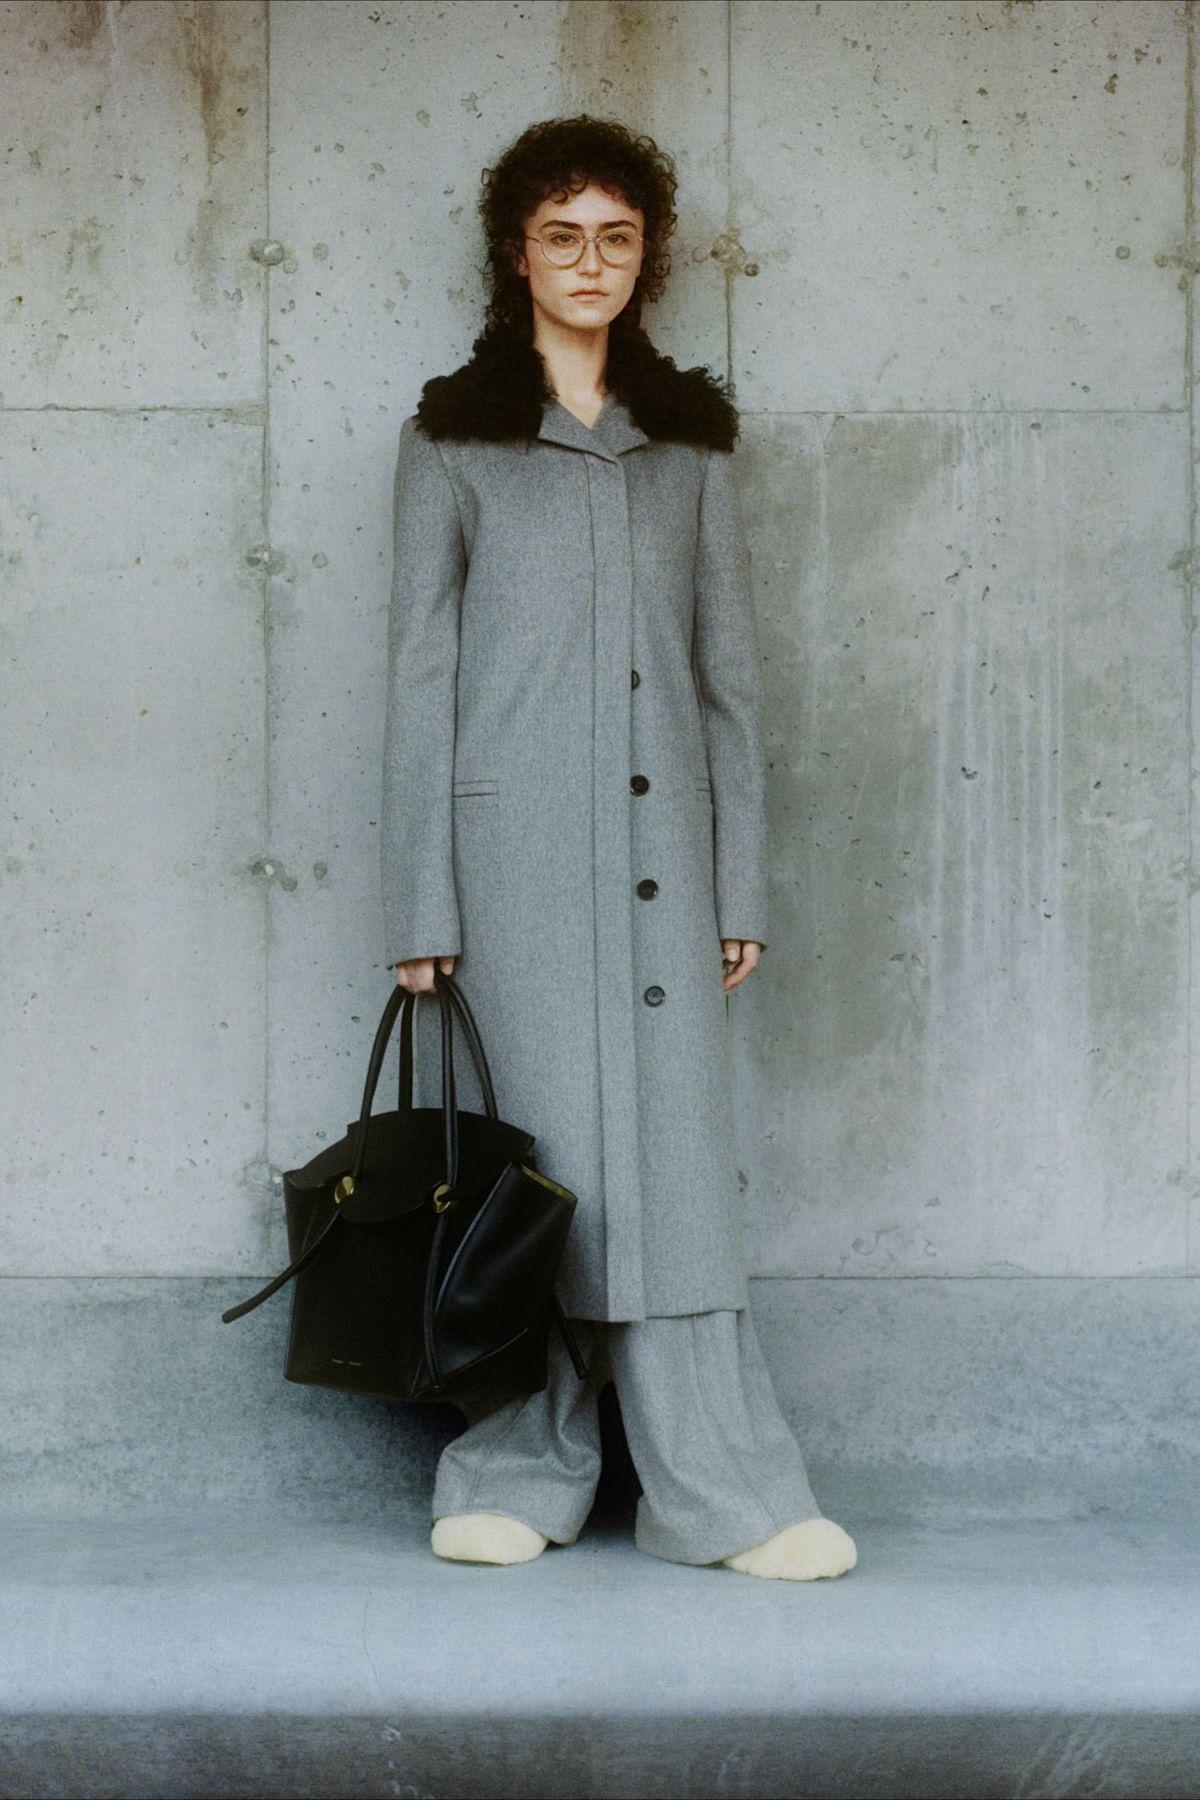 US VP Kamala Harris' stepdaughter Ella Emhoff makes runway debut at New York Fashion Week